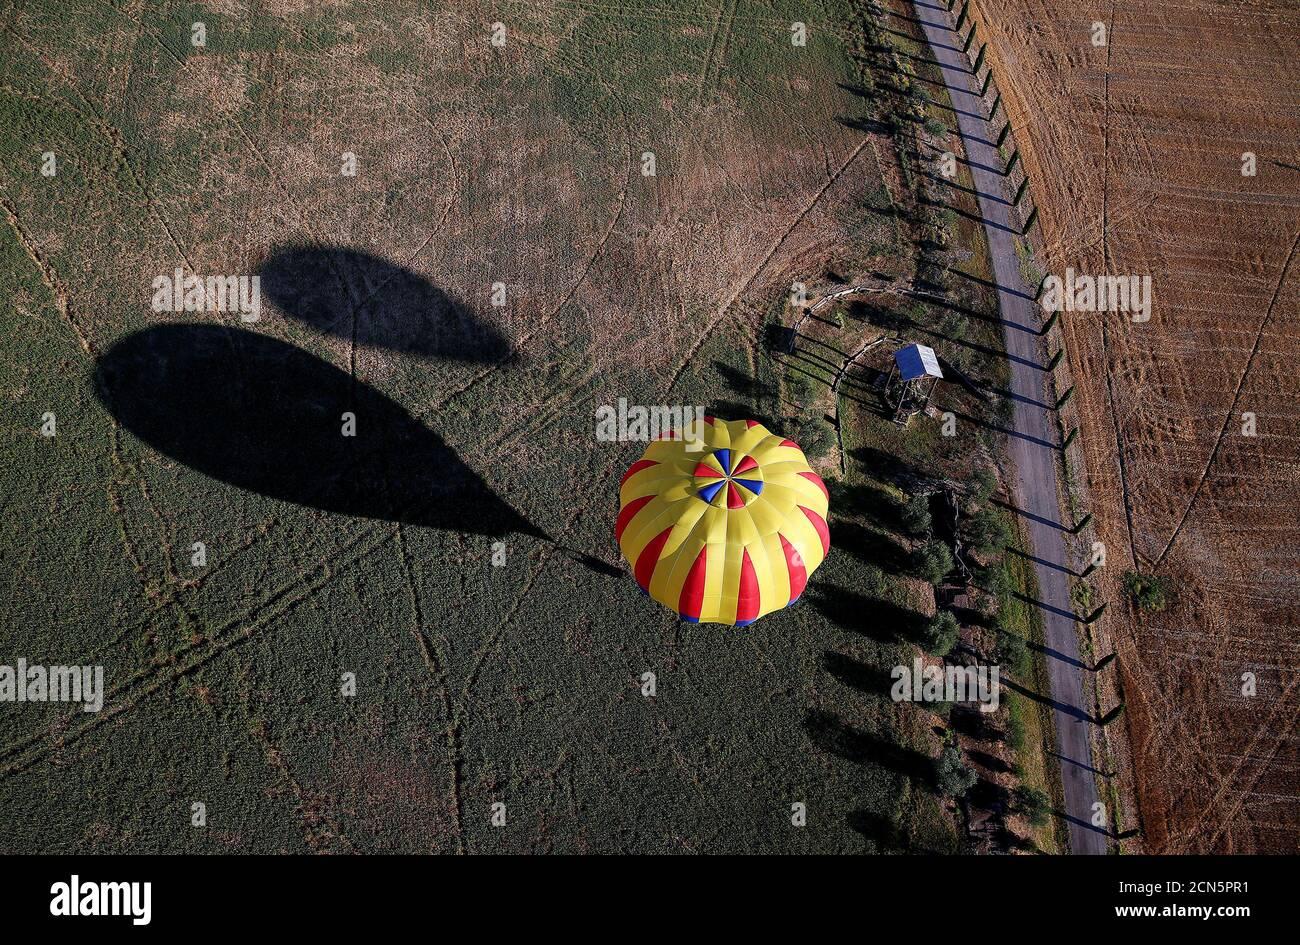 Una mongolfiera vola durante un evento di mongolfiera a Todi, 29 luglio 2017. REUTERS/Alessandro Bianchi Foto Stock